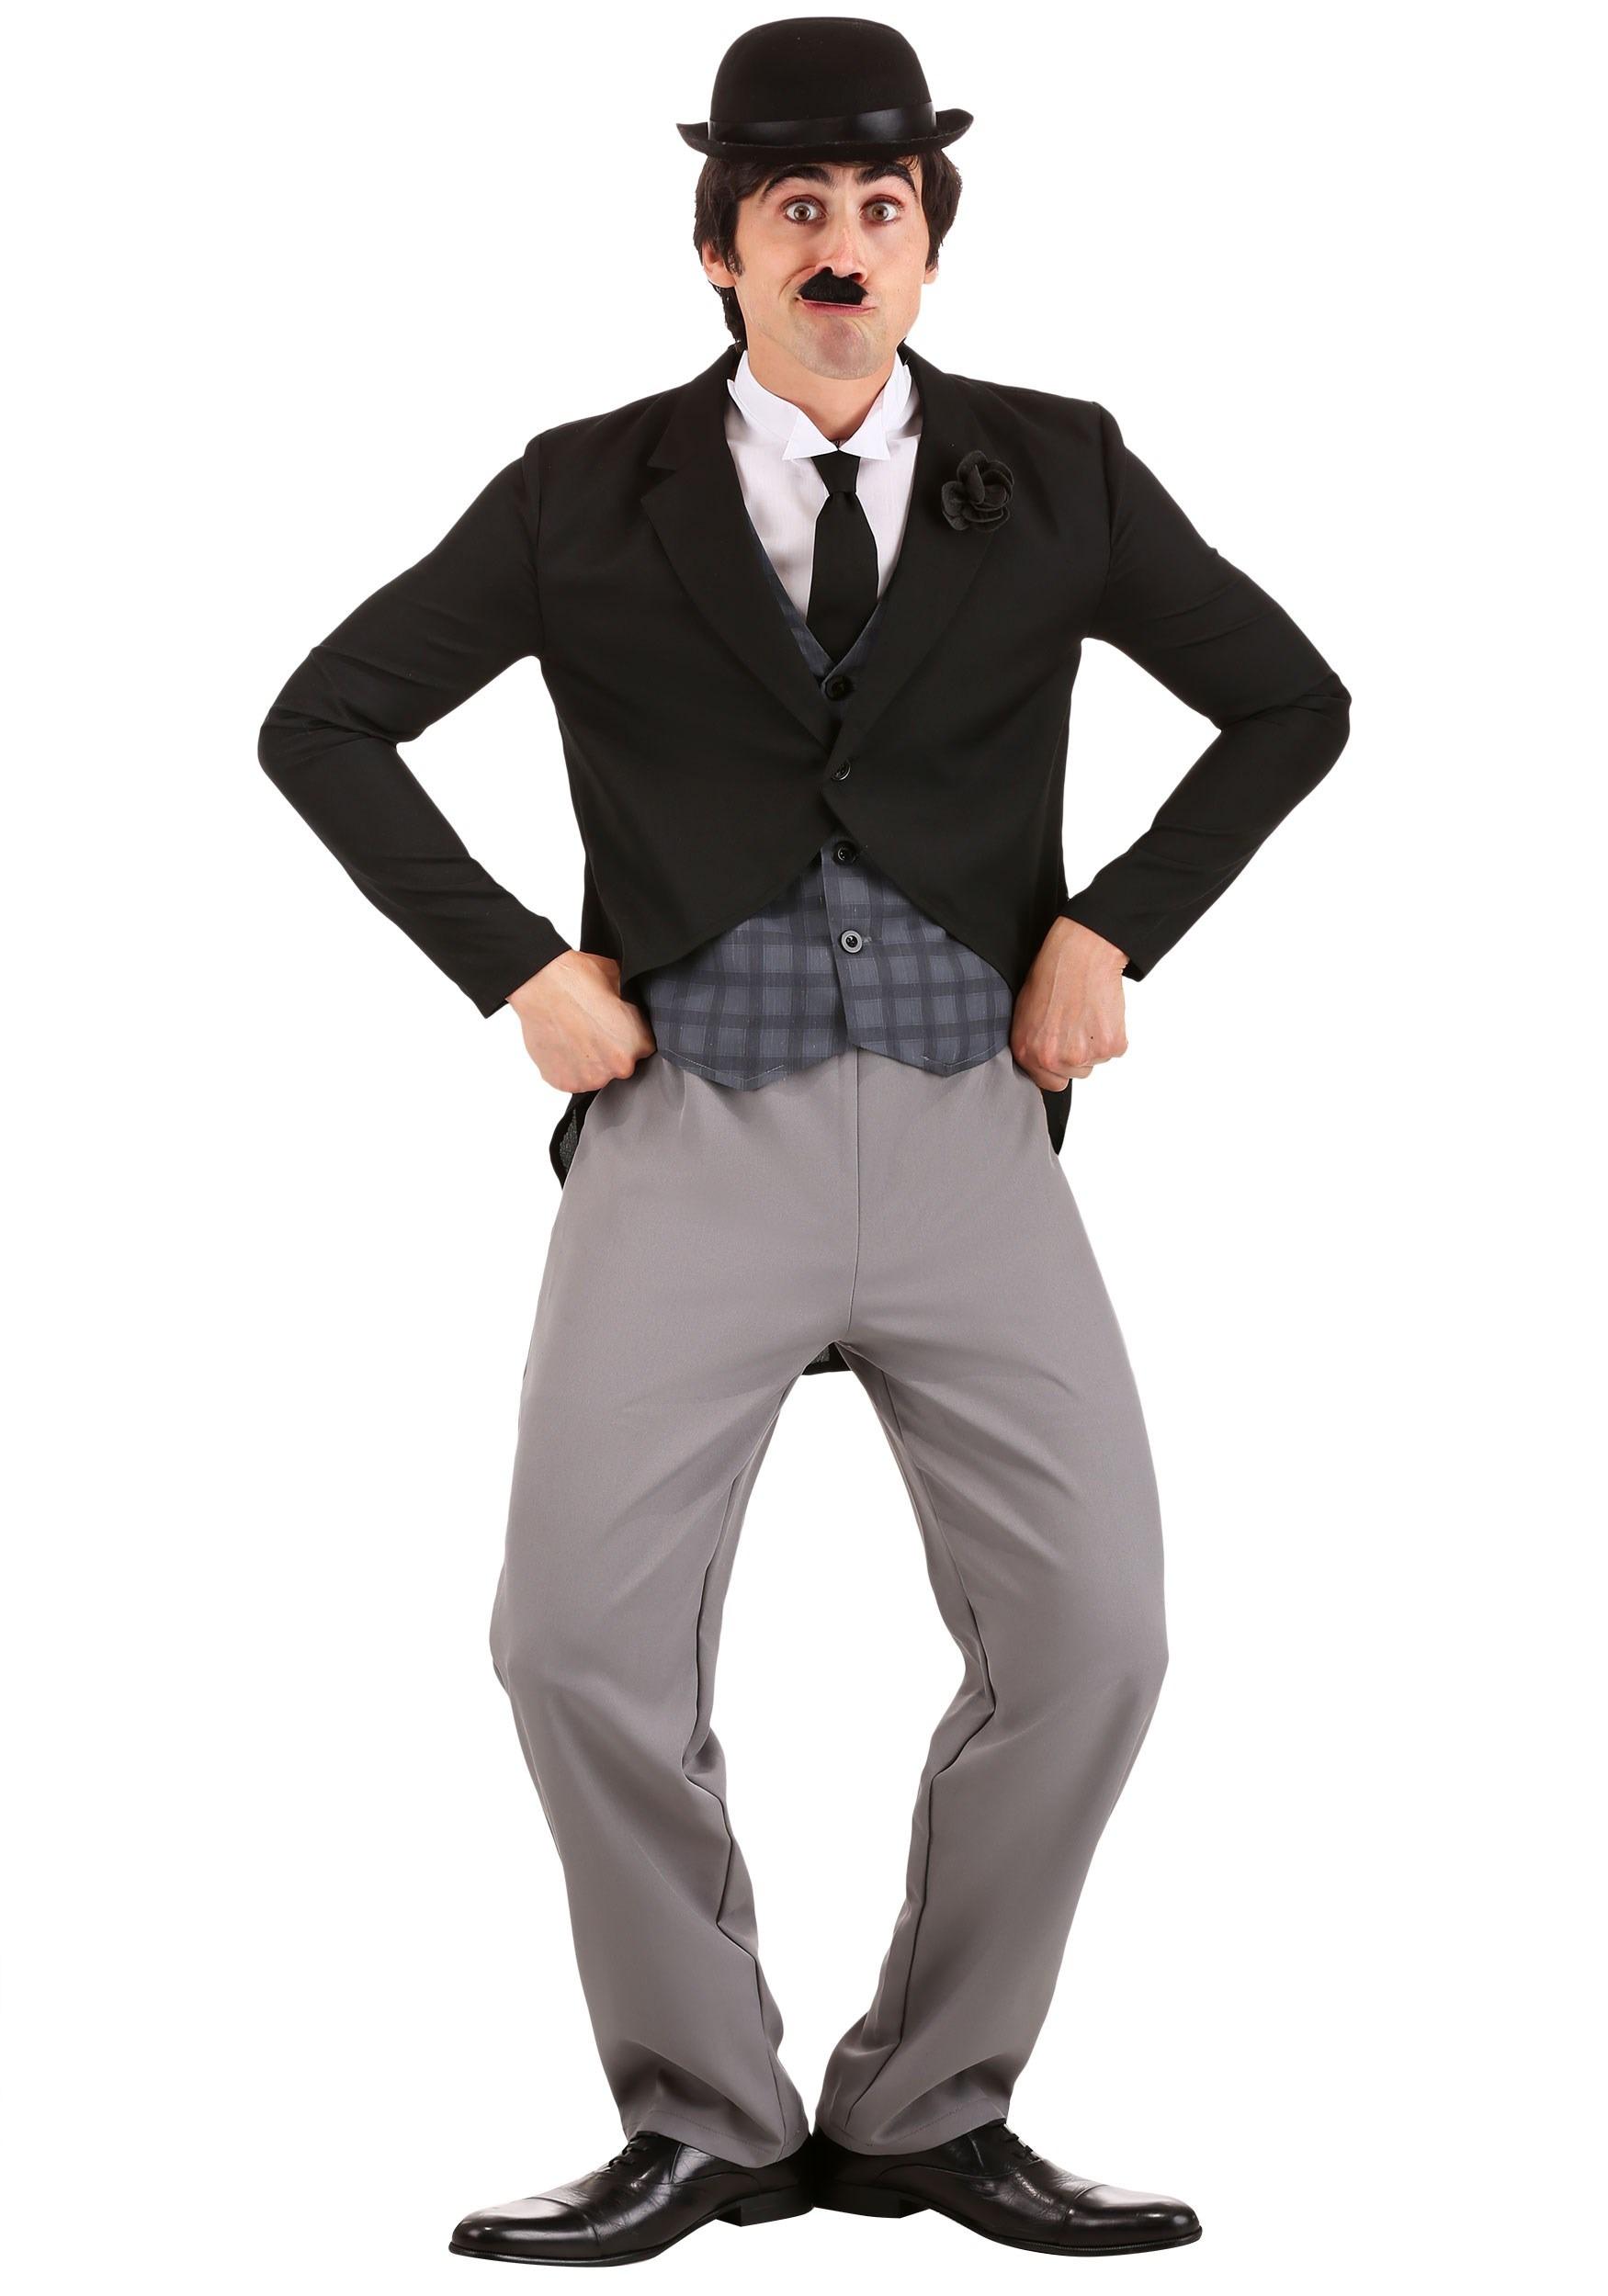 Charlie Chaplin Costume for Men